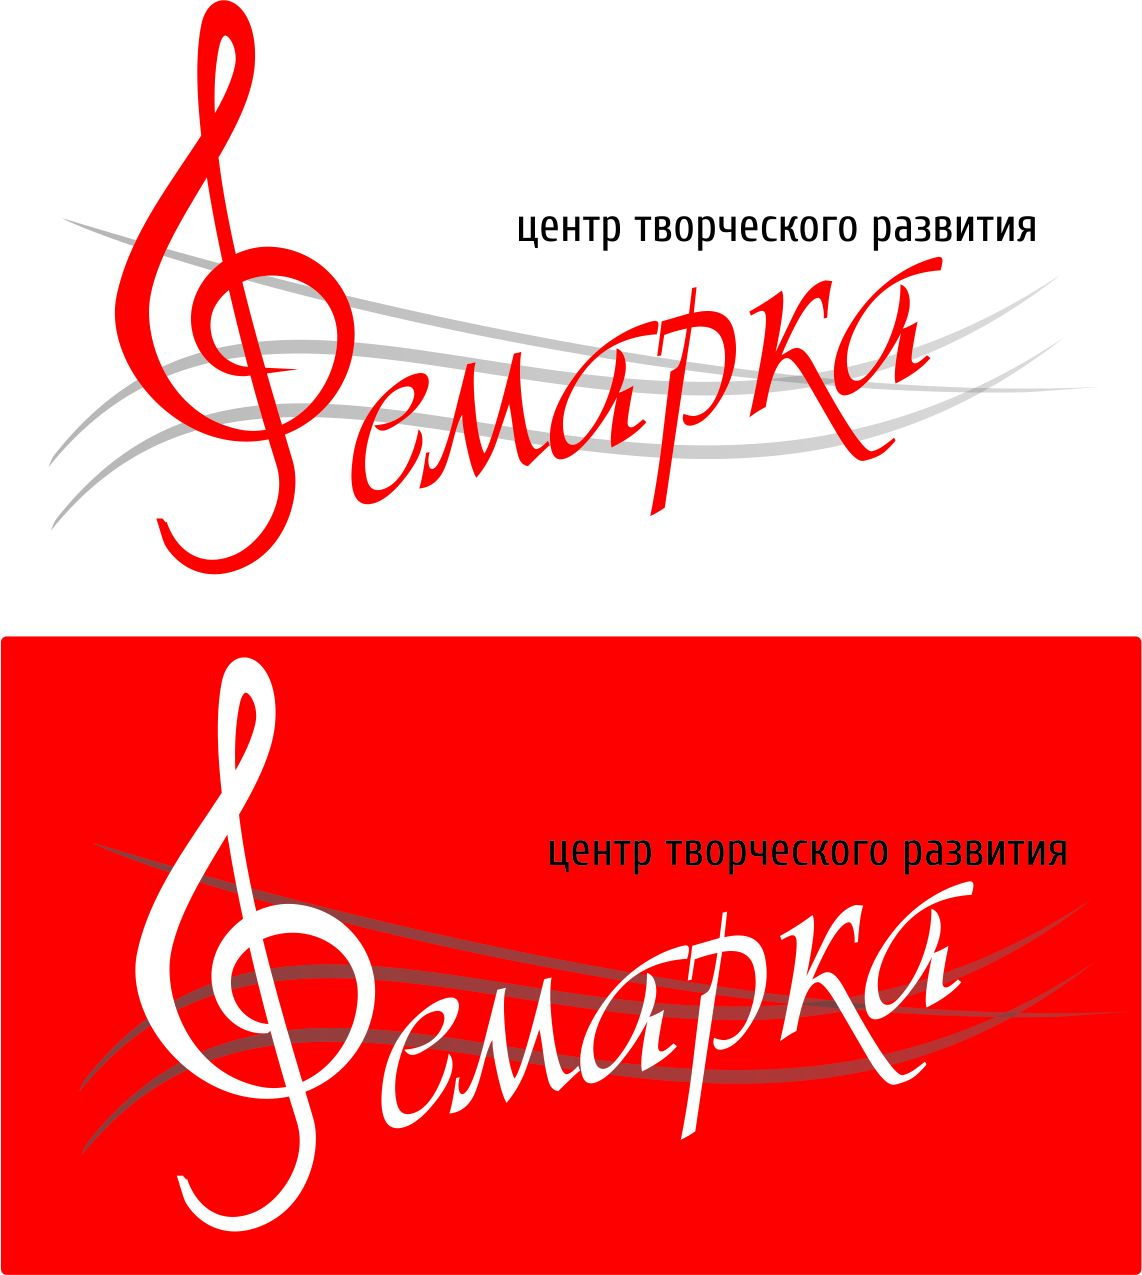 Фирменный стиль для центра развития Ремарка - дизайнер lemonna9